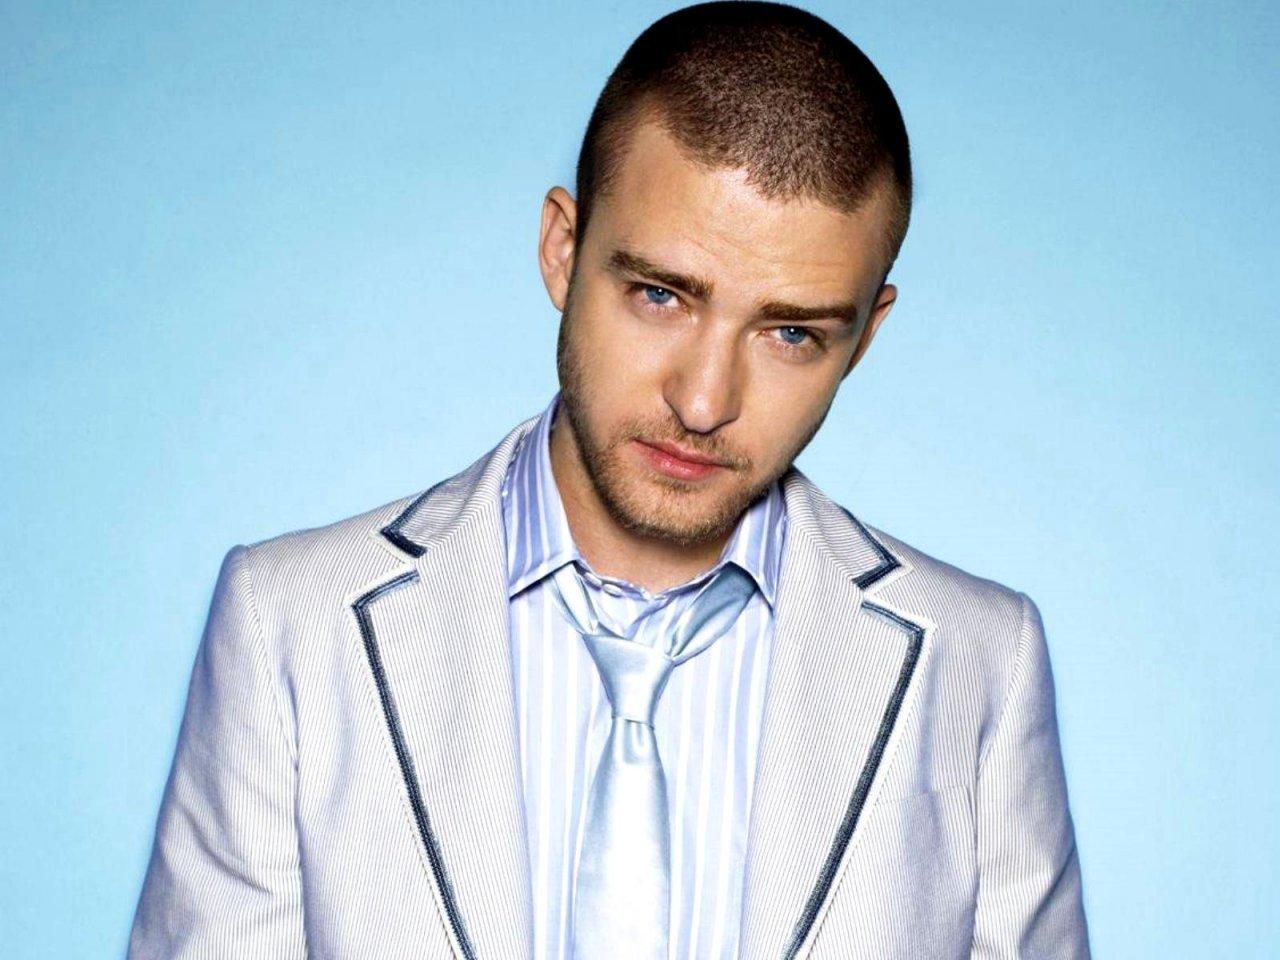 Justin Timberlake - Justin Timberlake Photo (9440816) - Fanpop